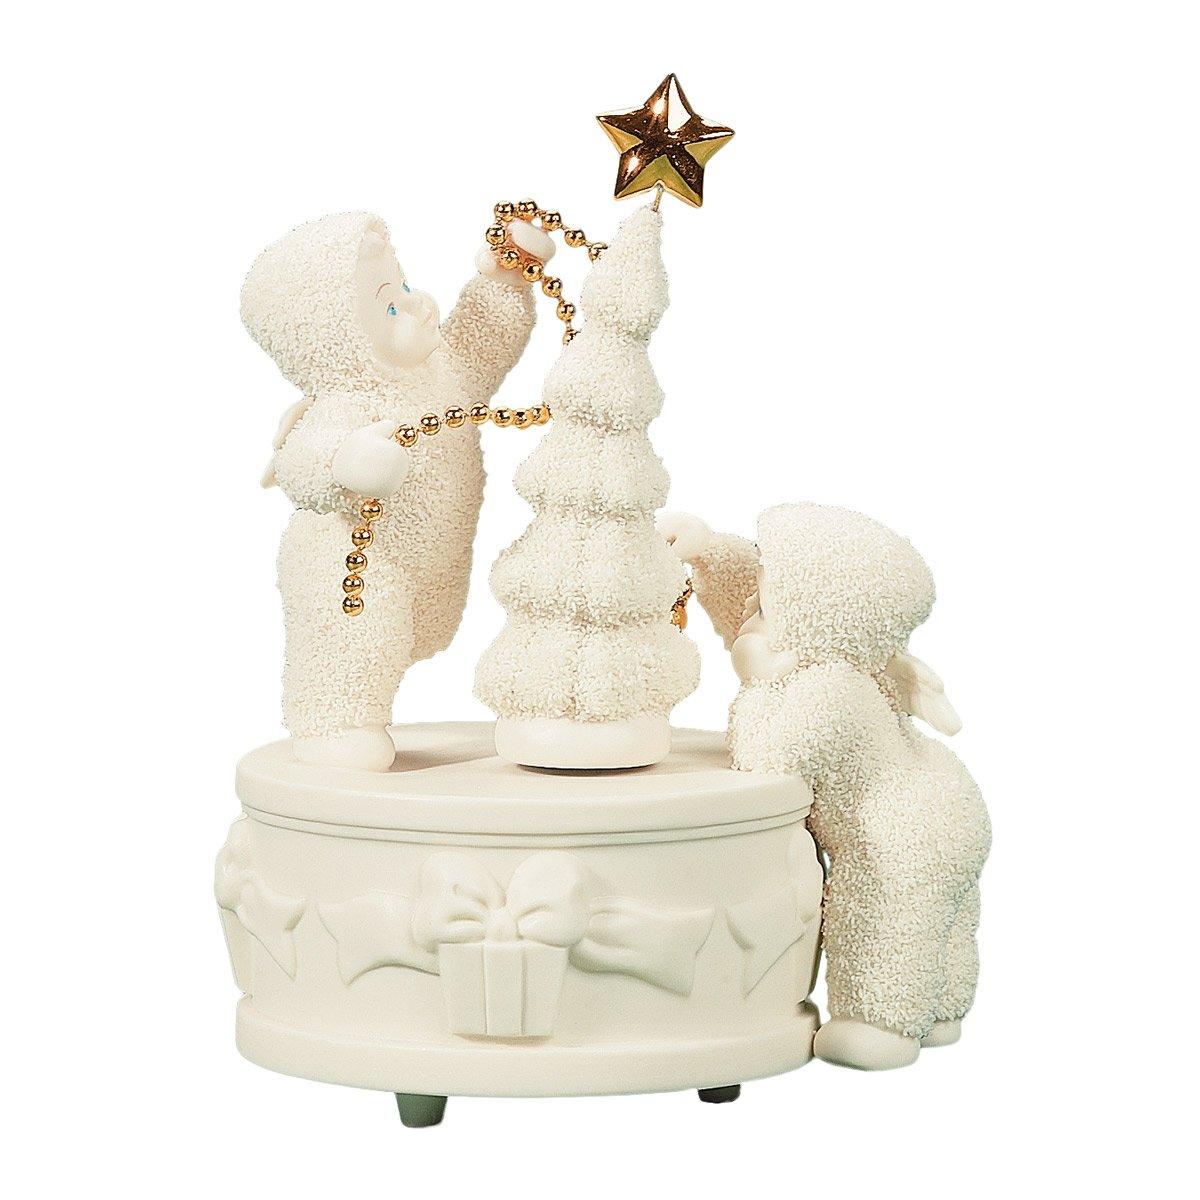 人気TOP SnowbabiesSnowbabies Oクリスマスツリー音楽ボックス2001 B00PKXRU00, 格安清掃用品専門店 おそうじ小僧:19ea7c1e --- arcego.dominiotemporario.com